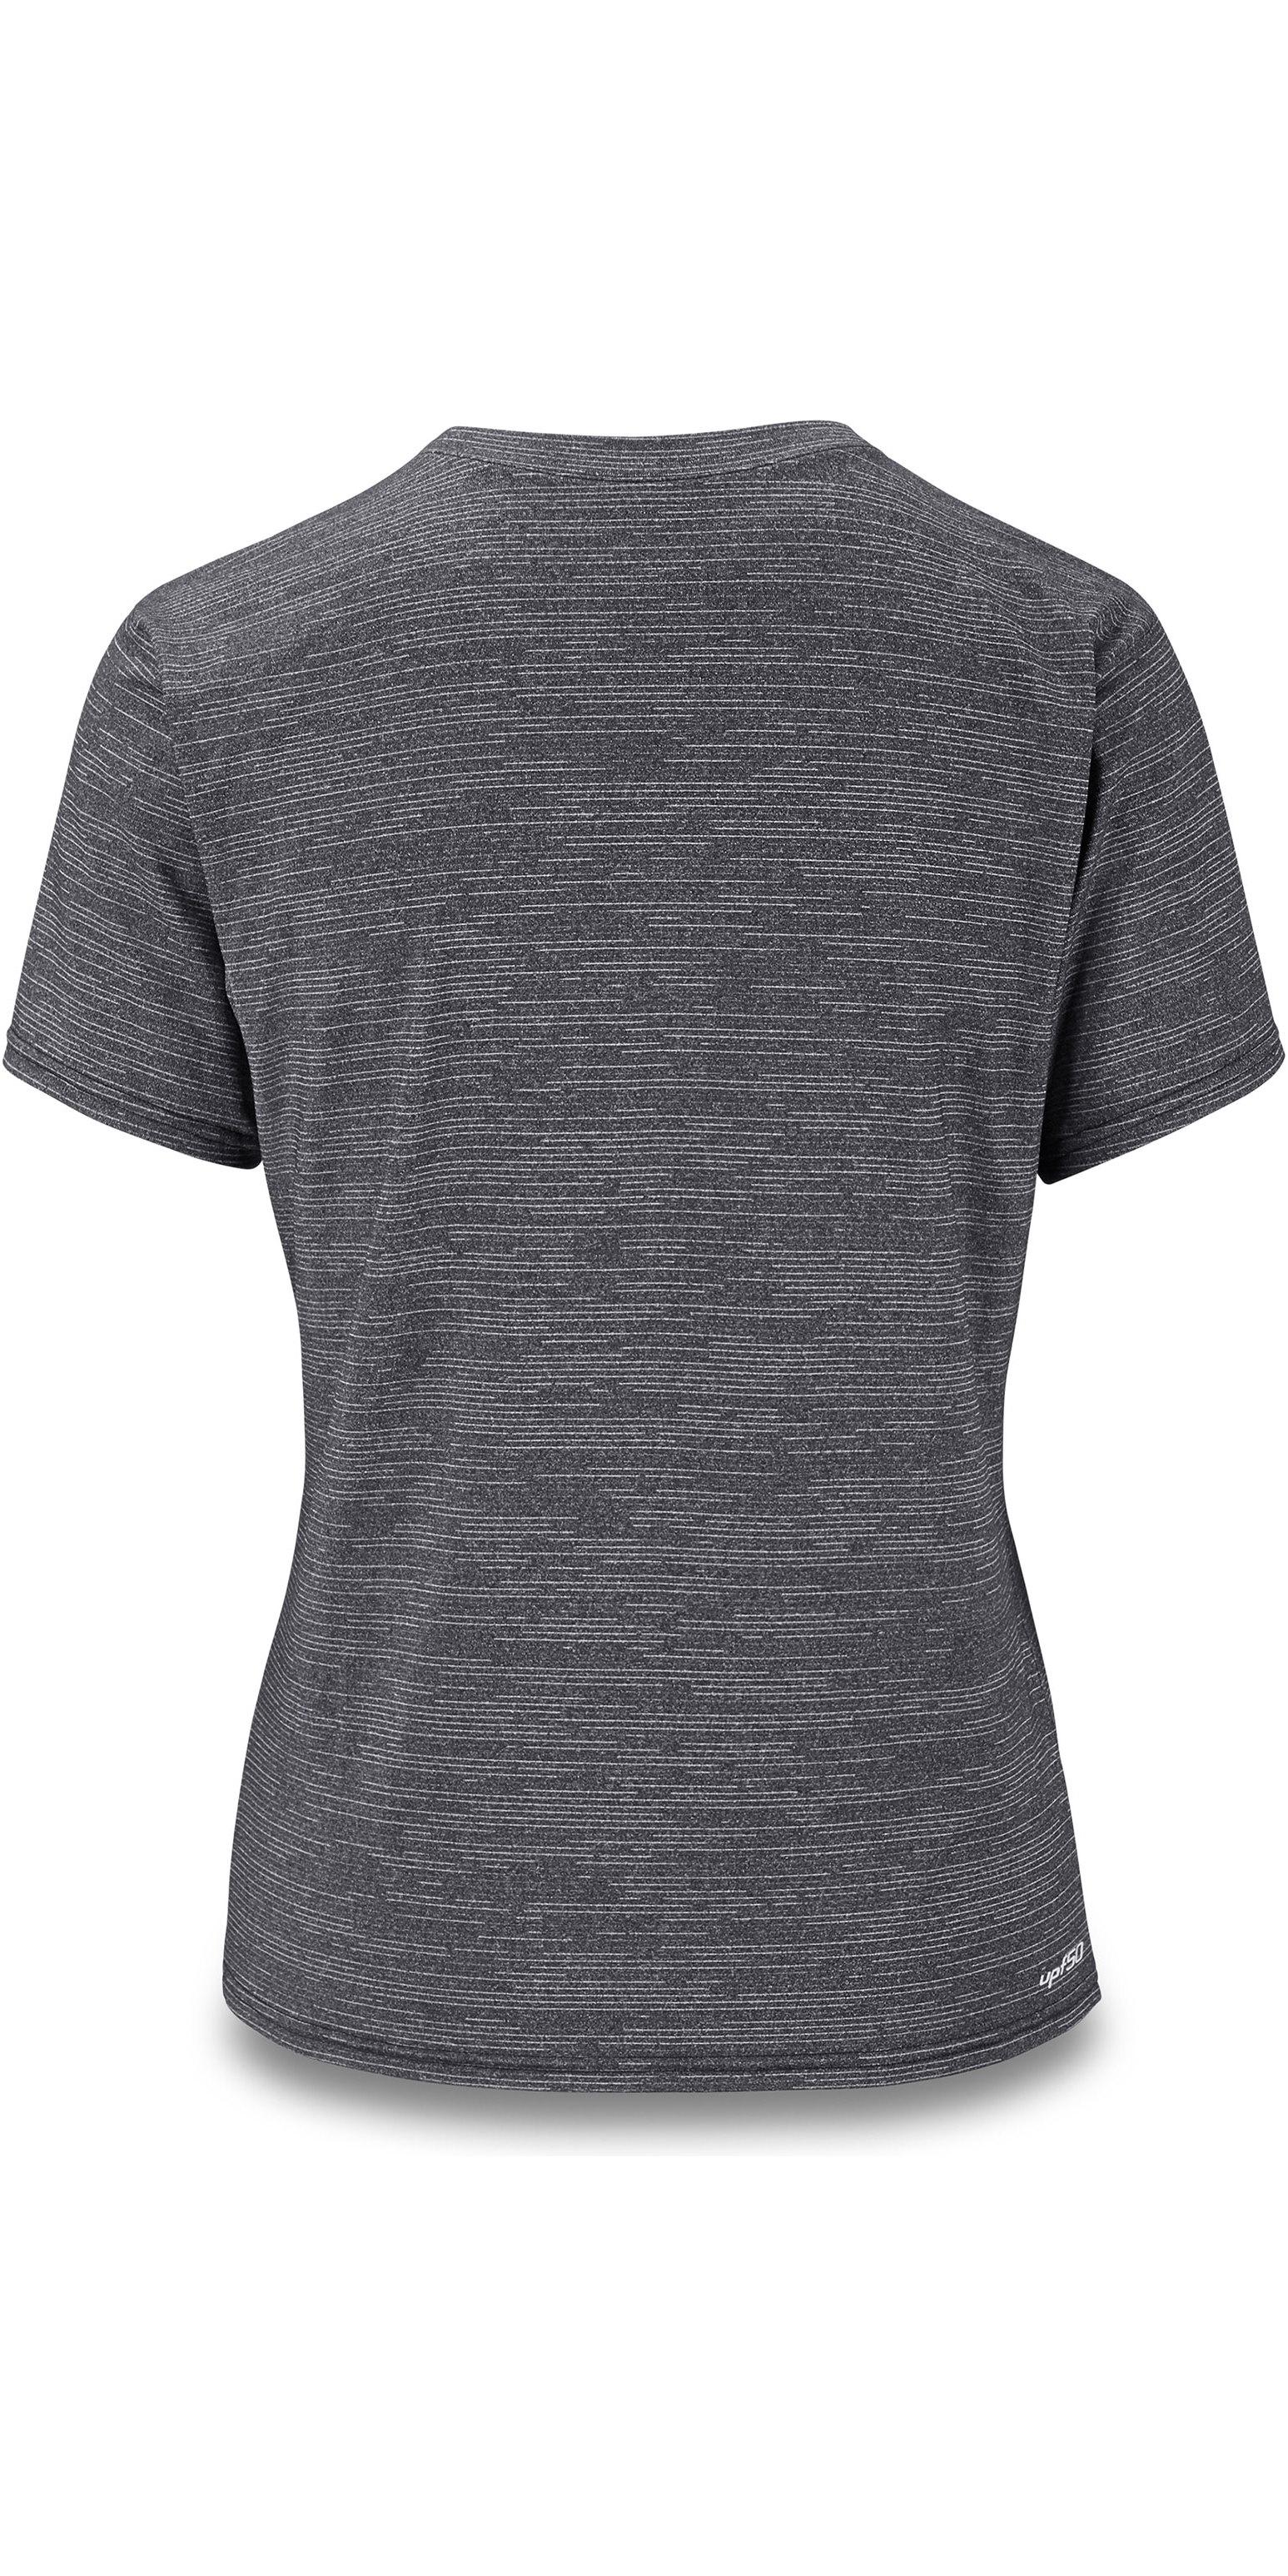 2019 Dakine Womens Dauntless Loose Fit Short Sleeve Rash Vest Black 10002327